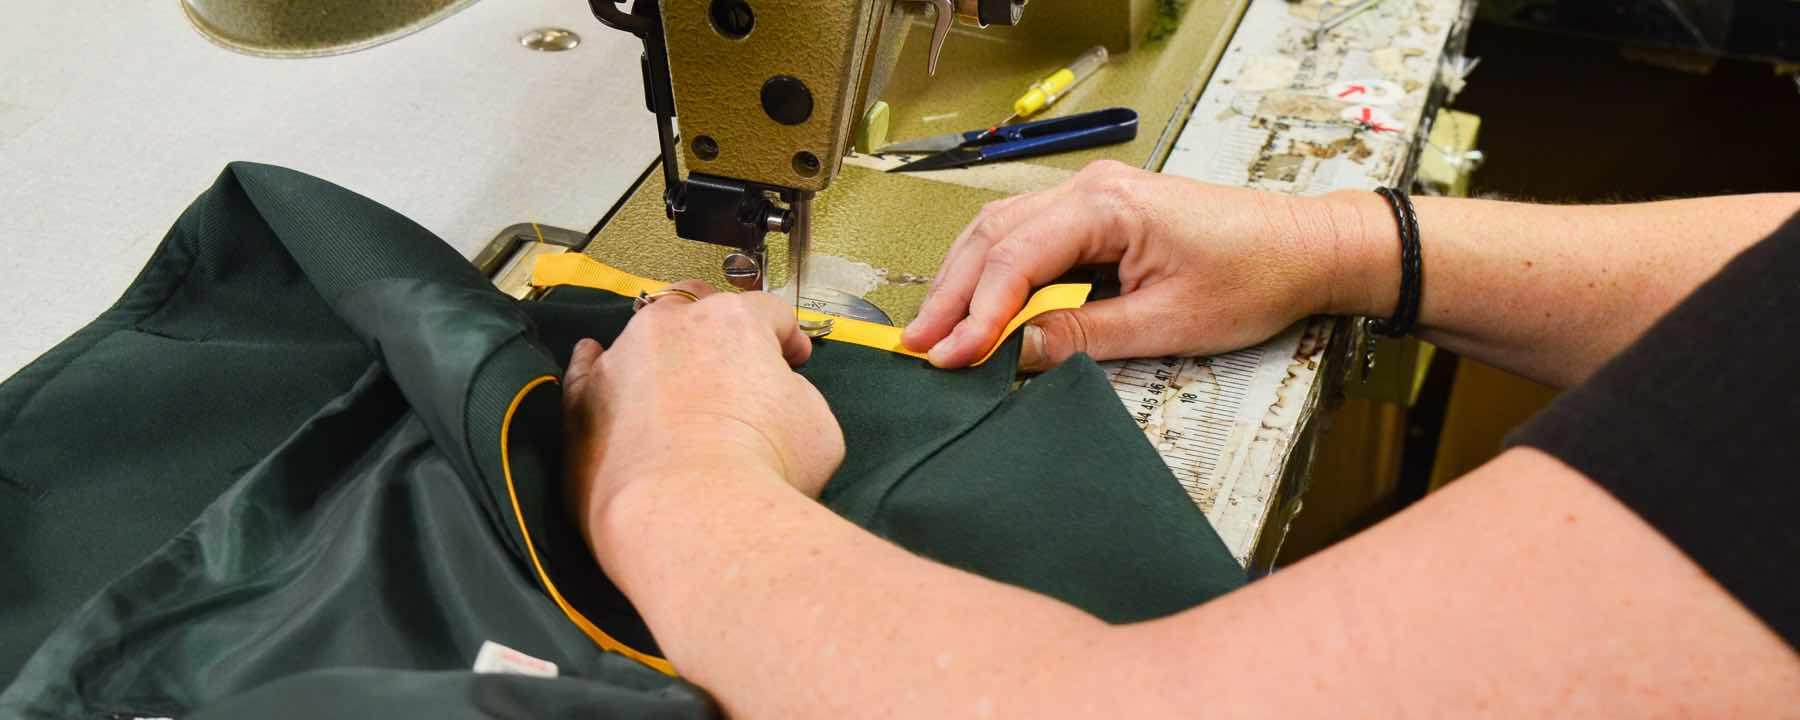 garment sewing r4r